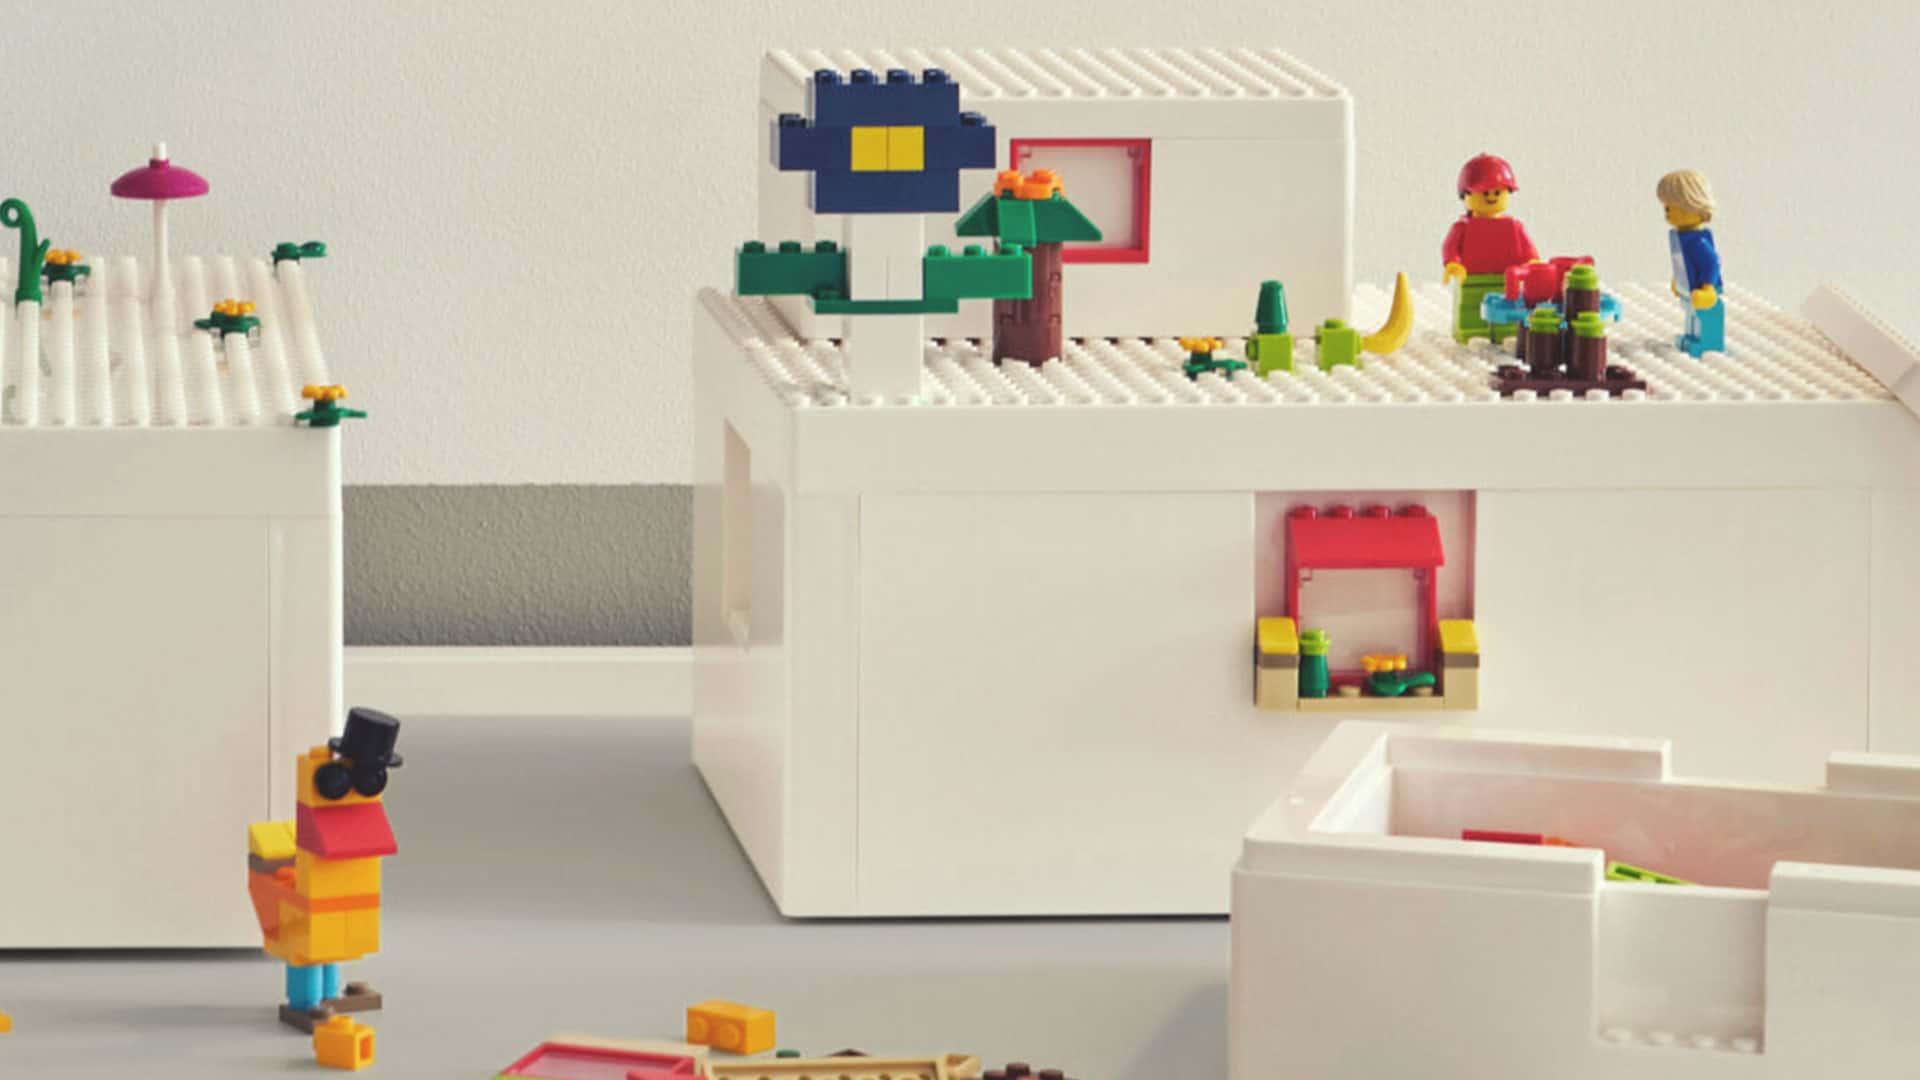 Bygglek kolekcija – Ikea i Lego kolaboracija